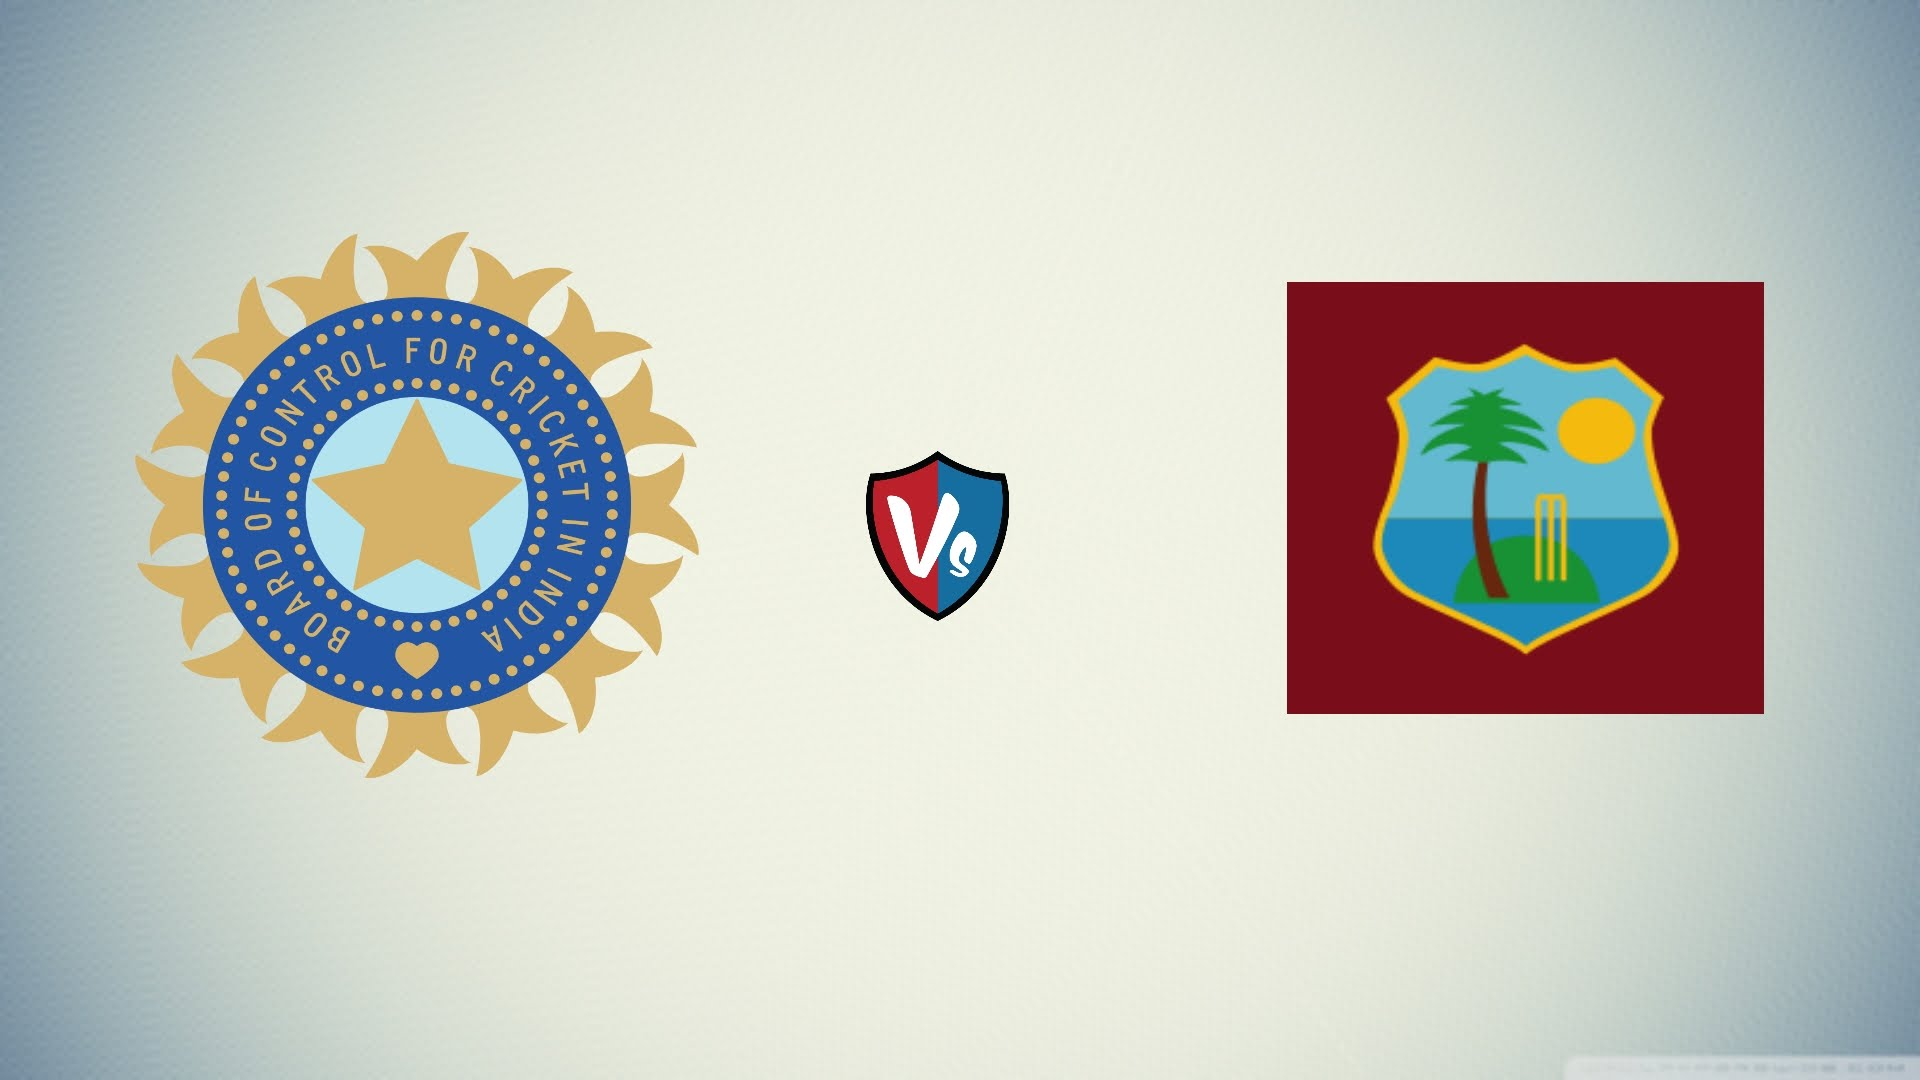 2014 से अब तक वेस्टइंडीज से एक भी टी-20 मुकाबला जीत नहीं सकी है भारतीय टीम 11